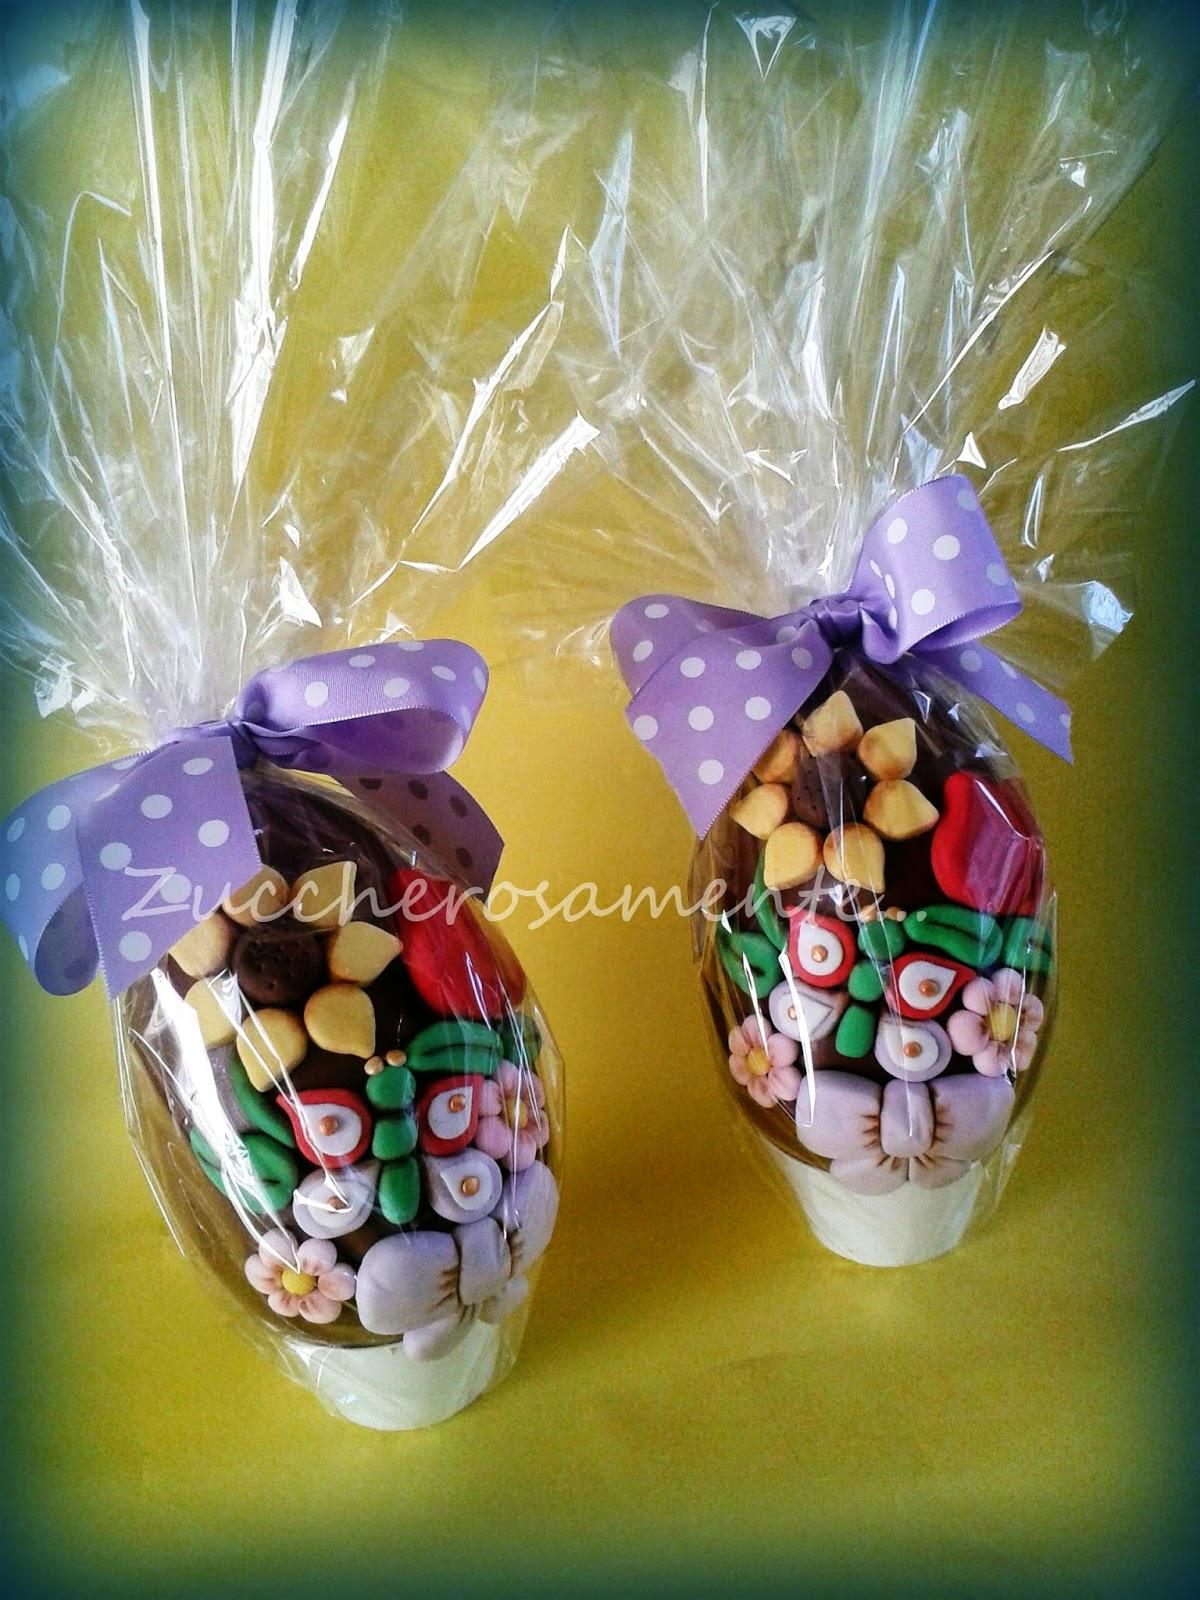 Zuccherosamente uova di pasqua decorate stile thun - Uova di pasqua decorati a mano ...